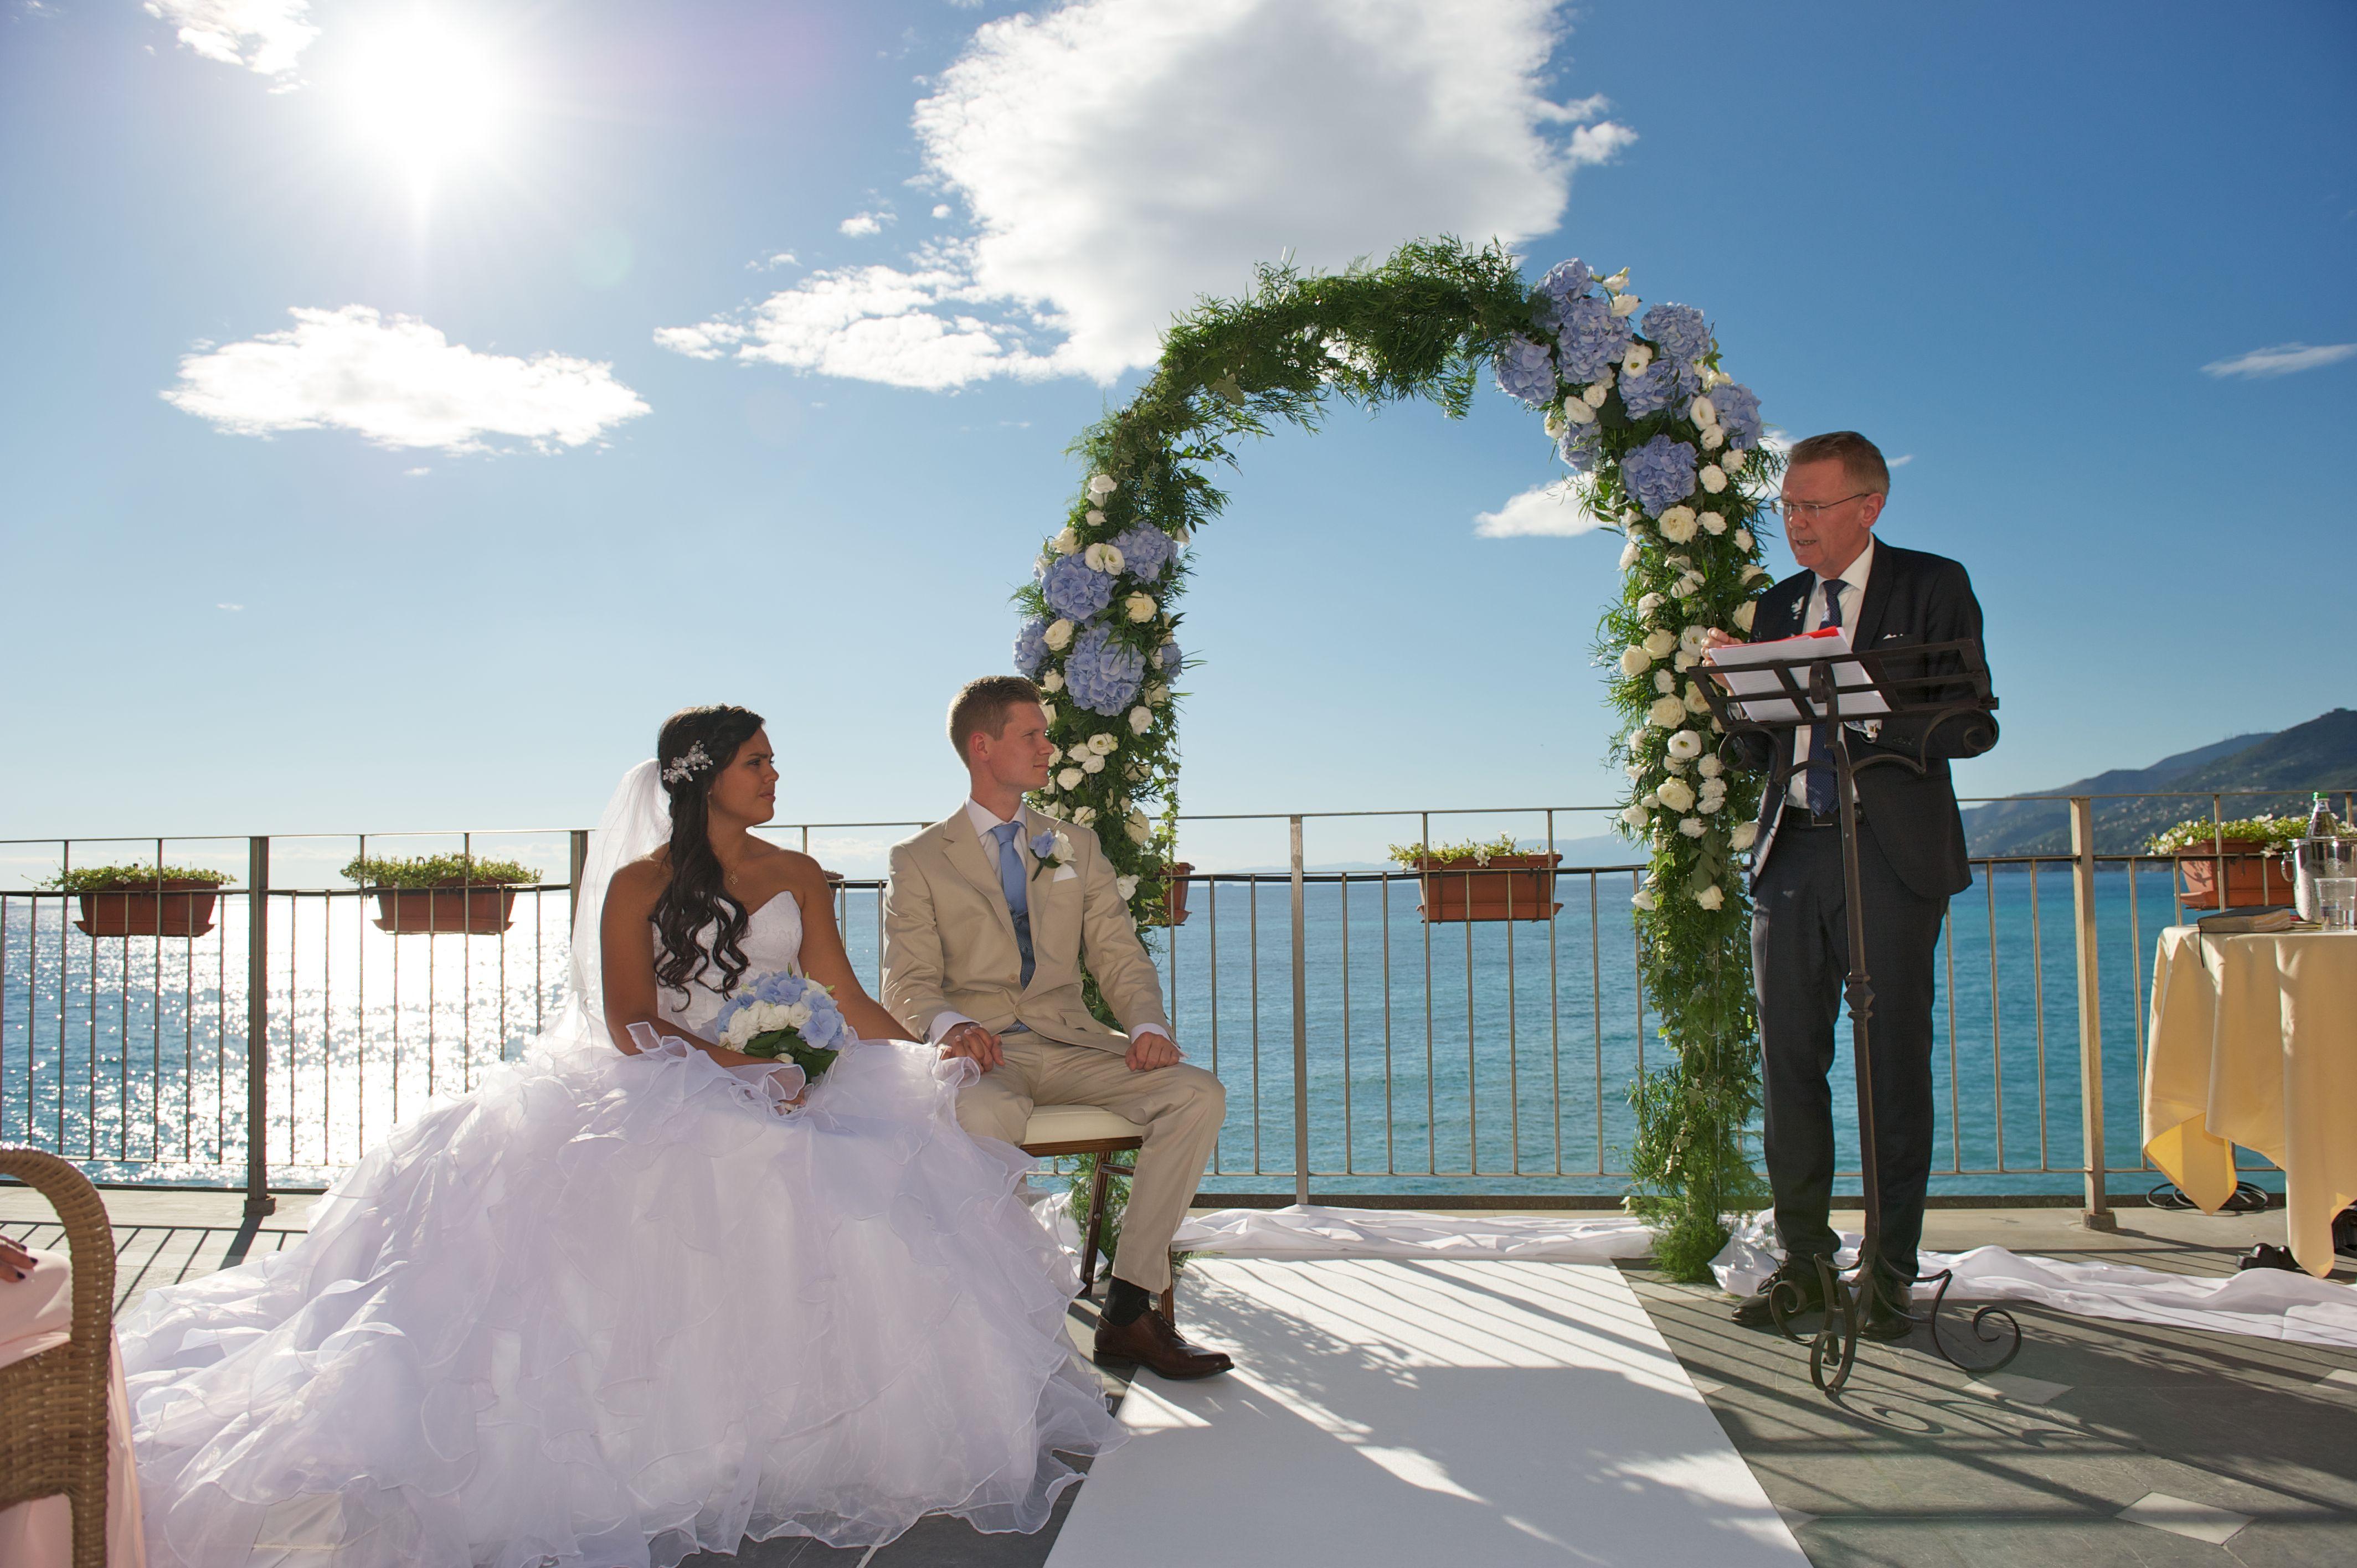 WEDDING DAY di Primavera – Una giornata dedicata agli sposi